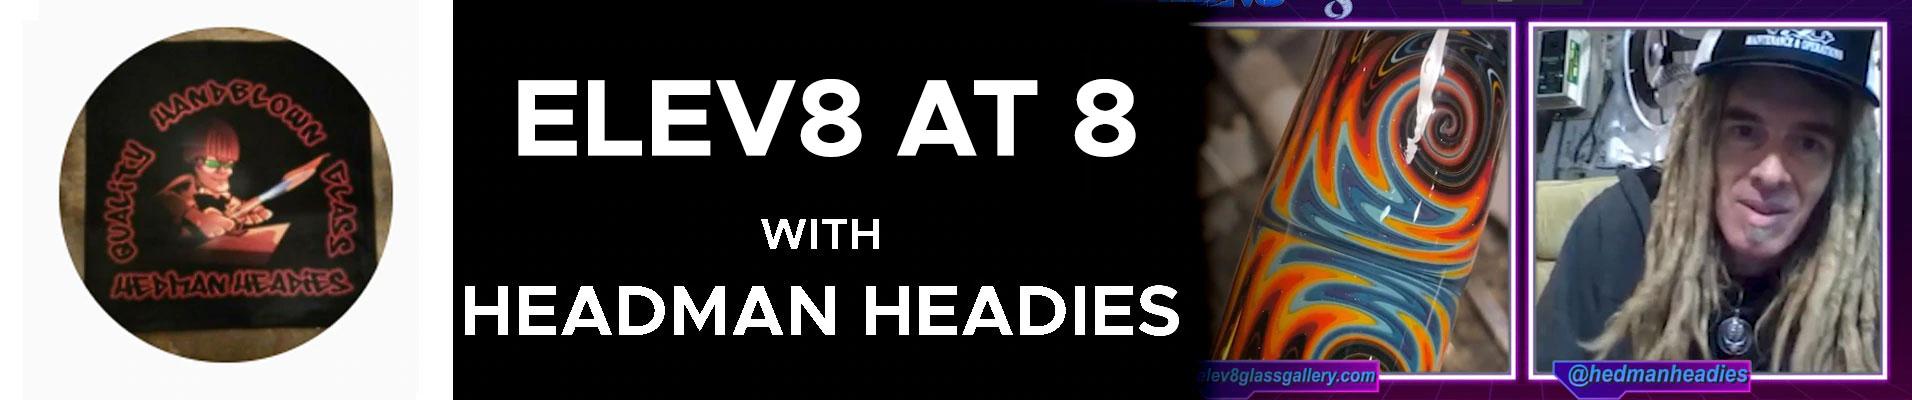 6-headman.jpg